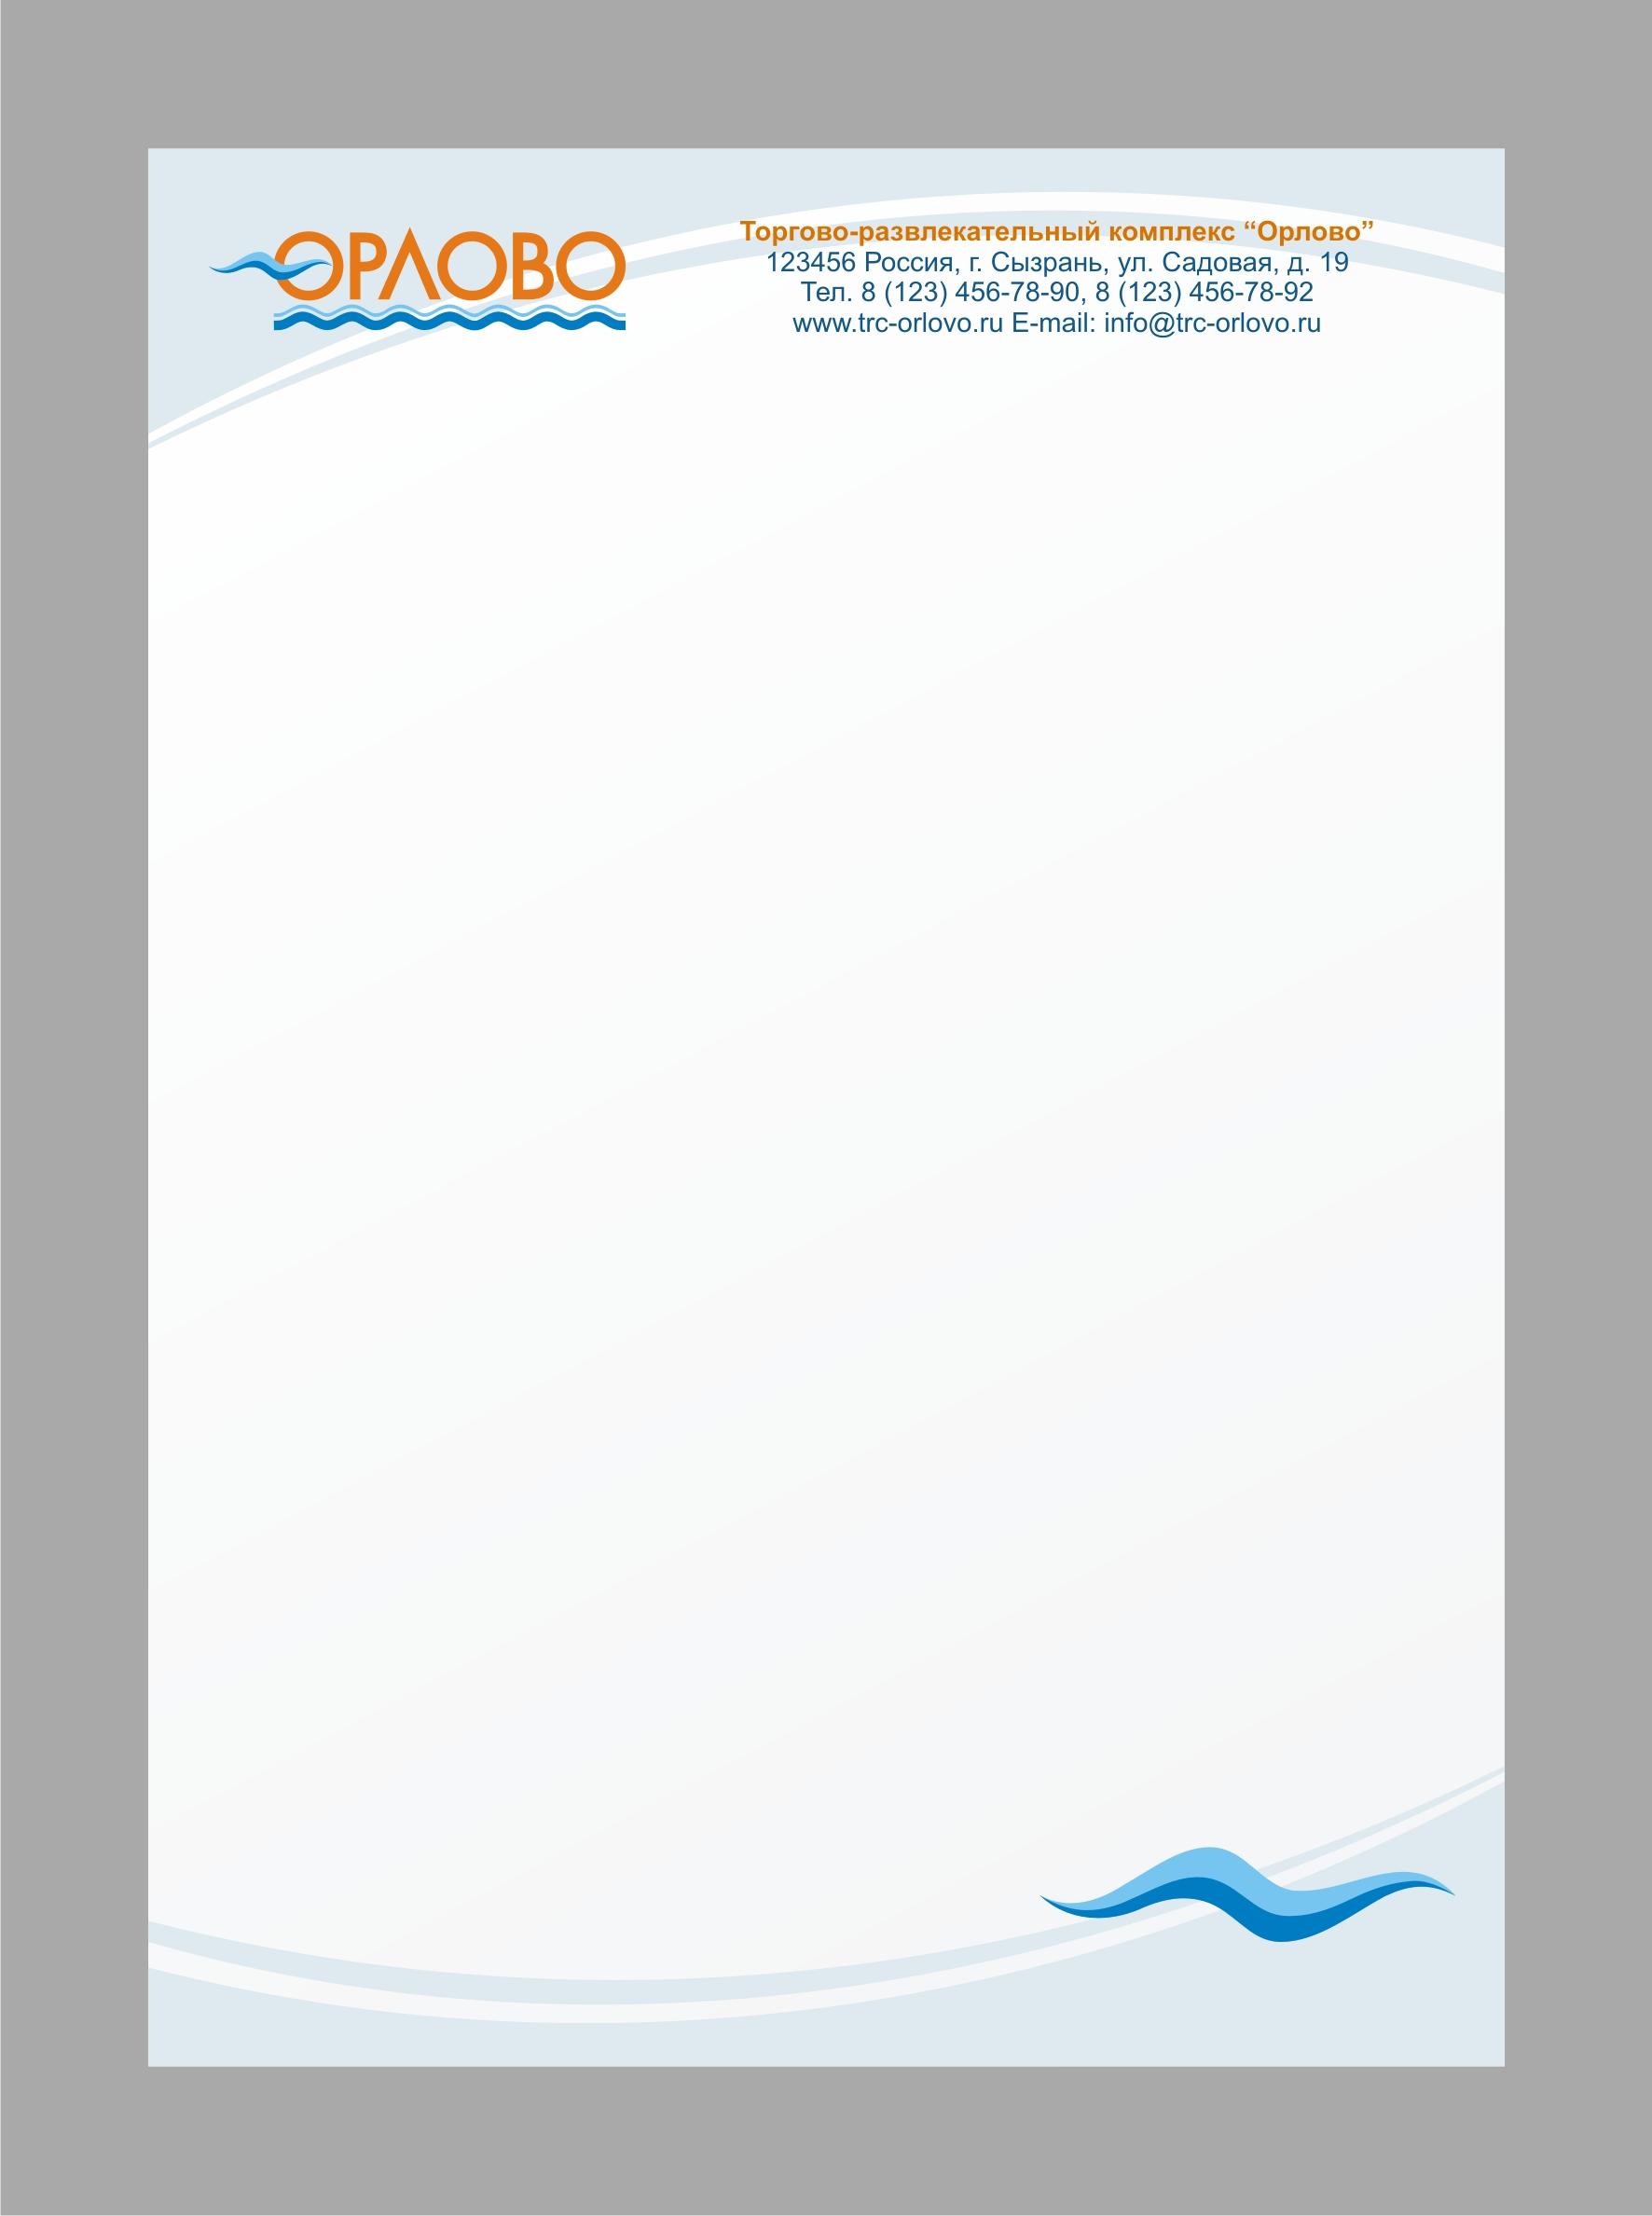 Разработка логотипа для Торгово-развлекательного комплекса фото f_8915966850dc808f.jpg